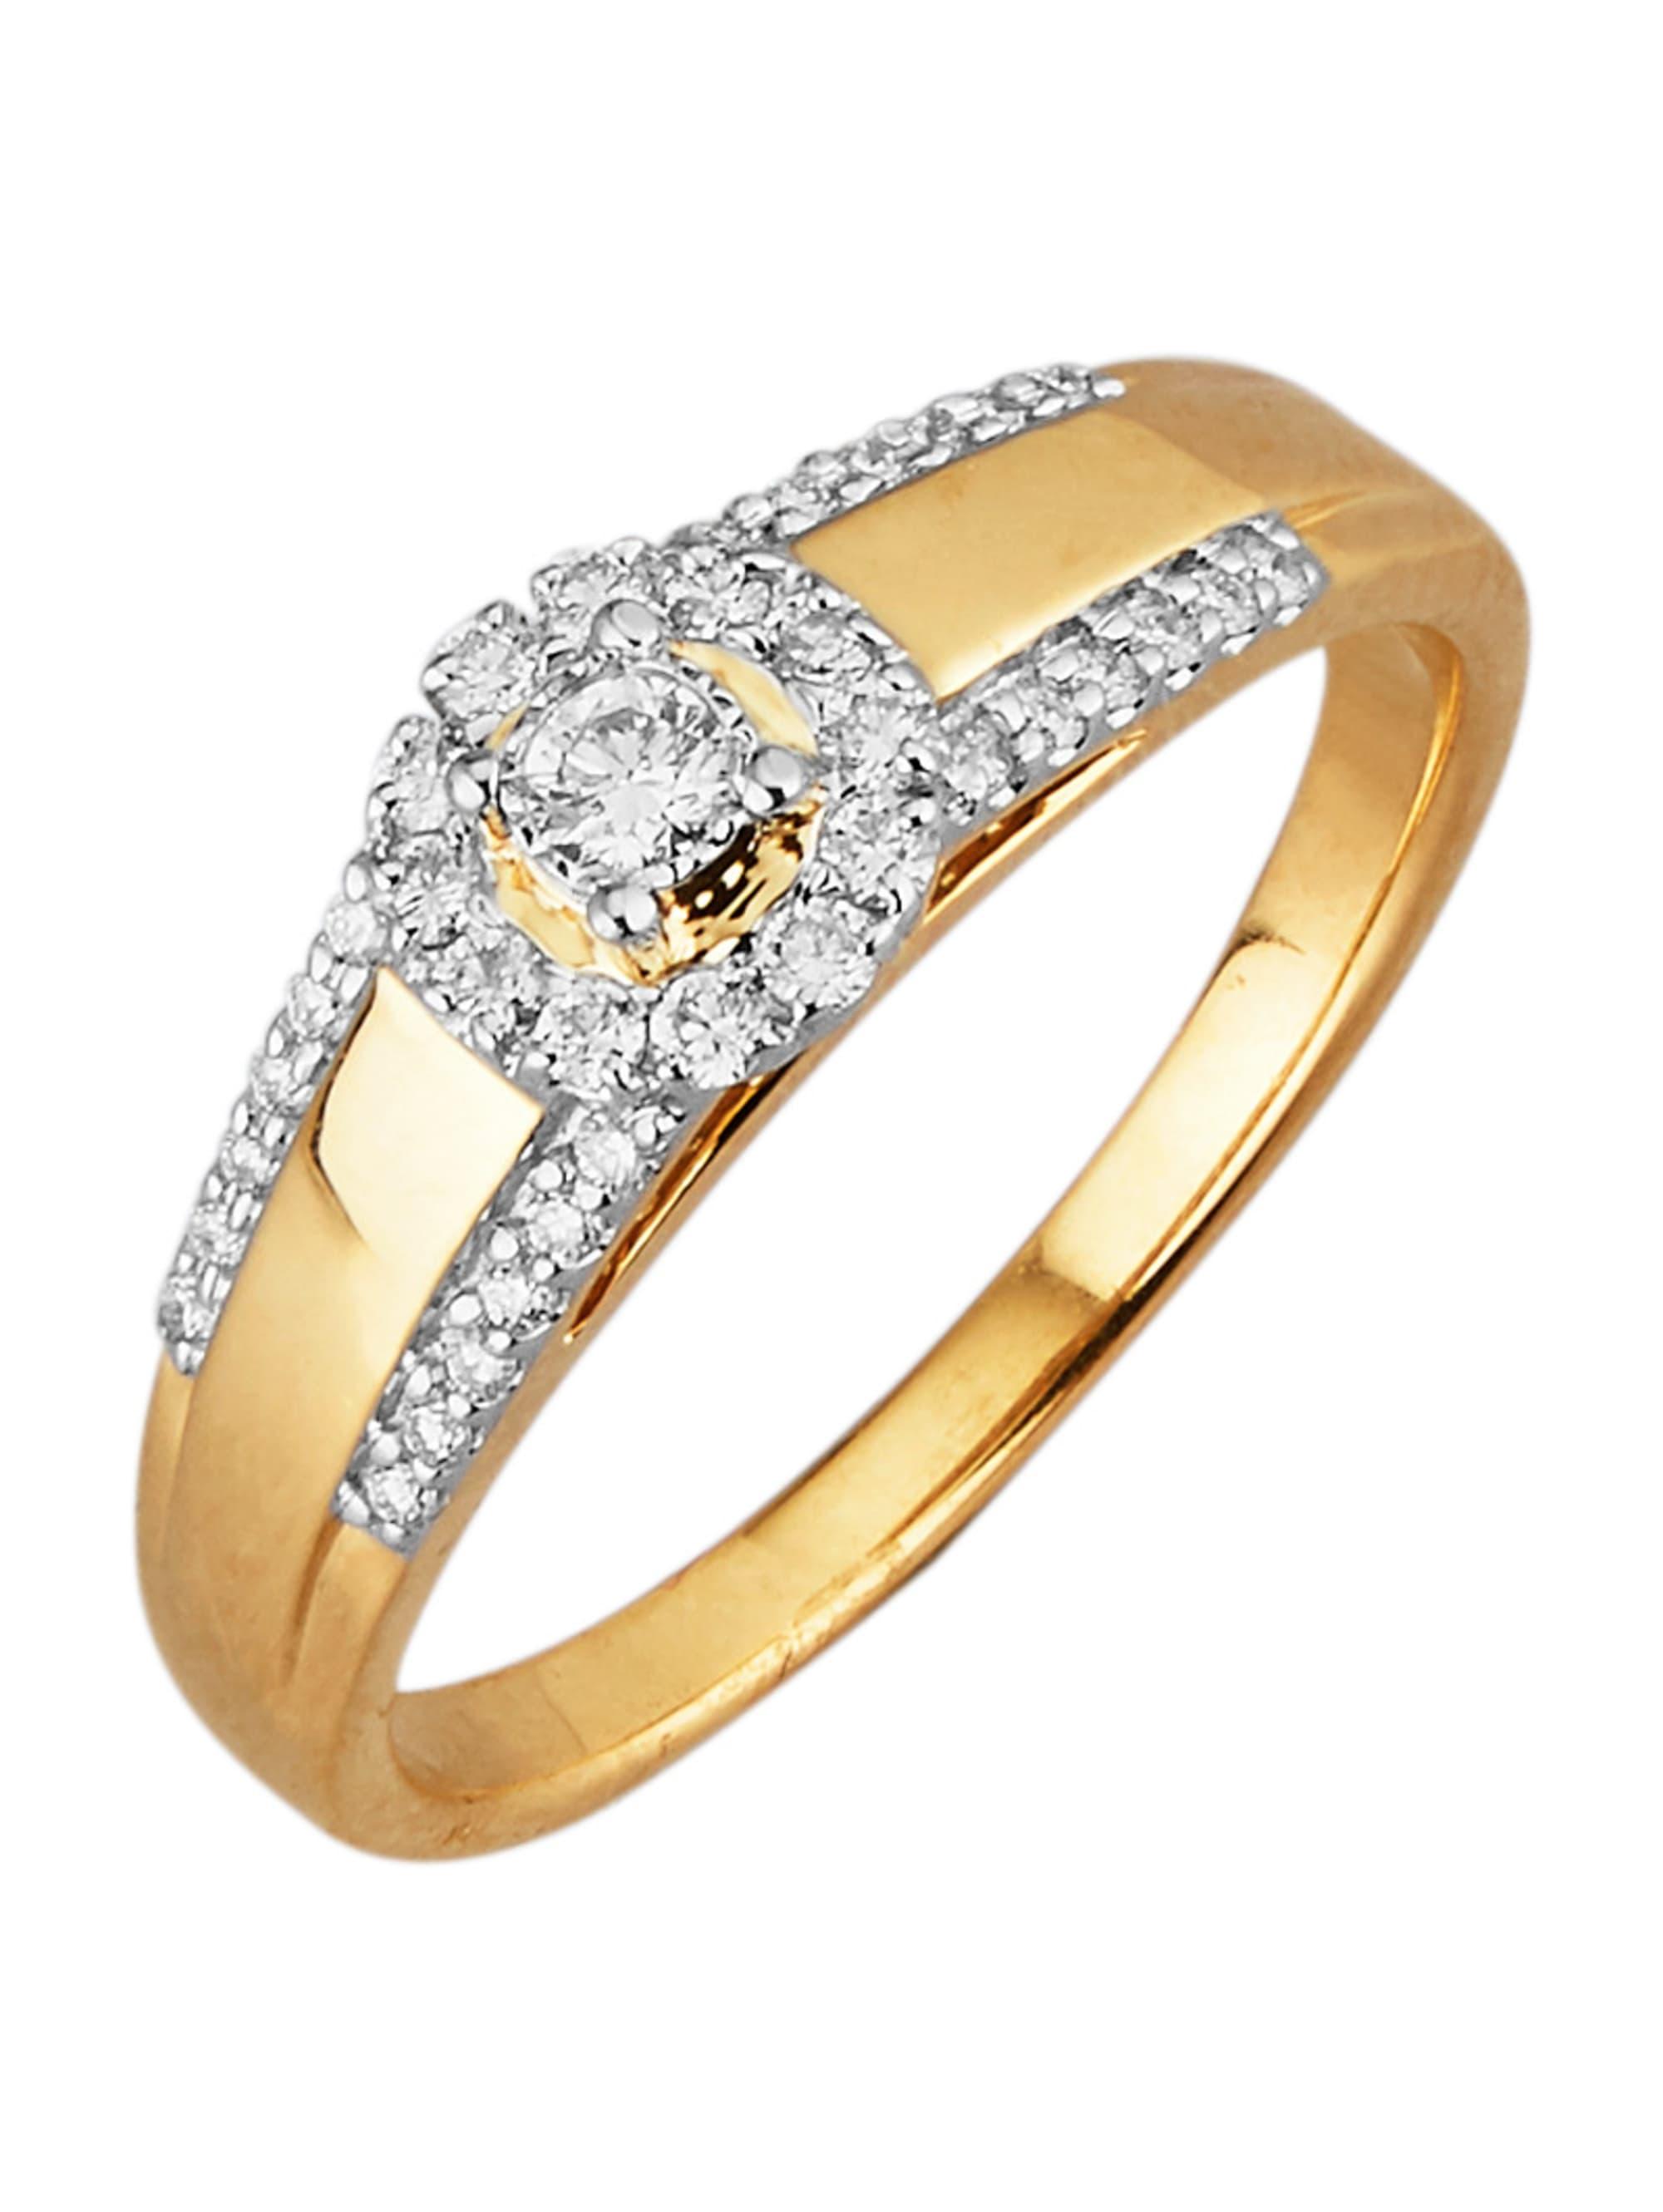 Diemer Diamant Damenring mit Brillanten oPcaa